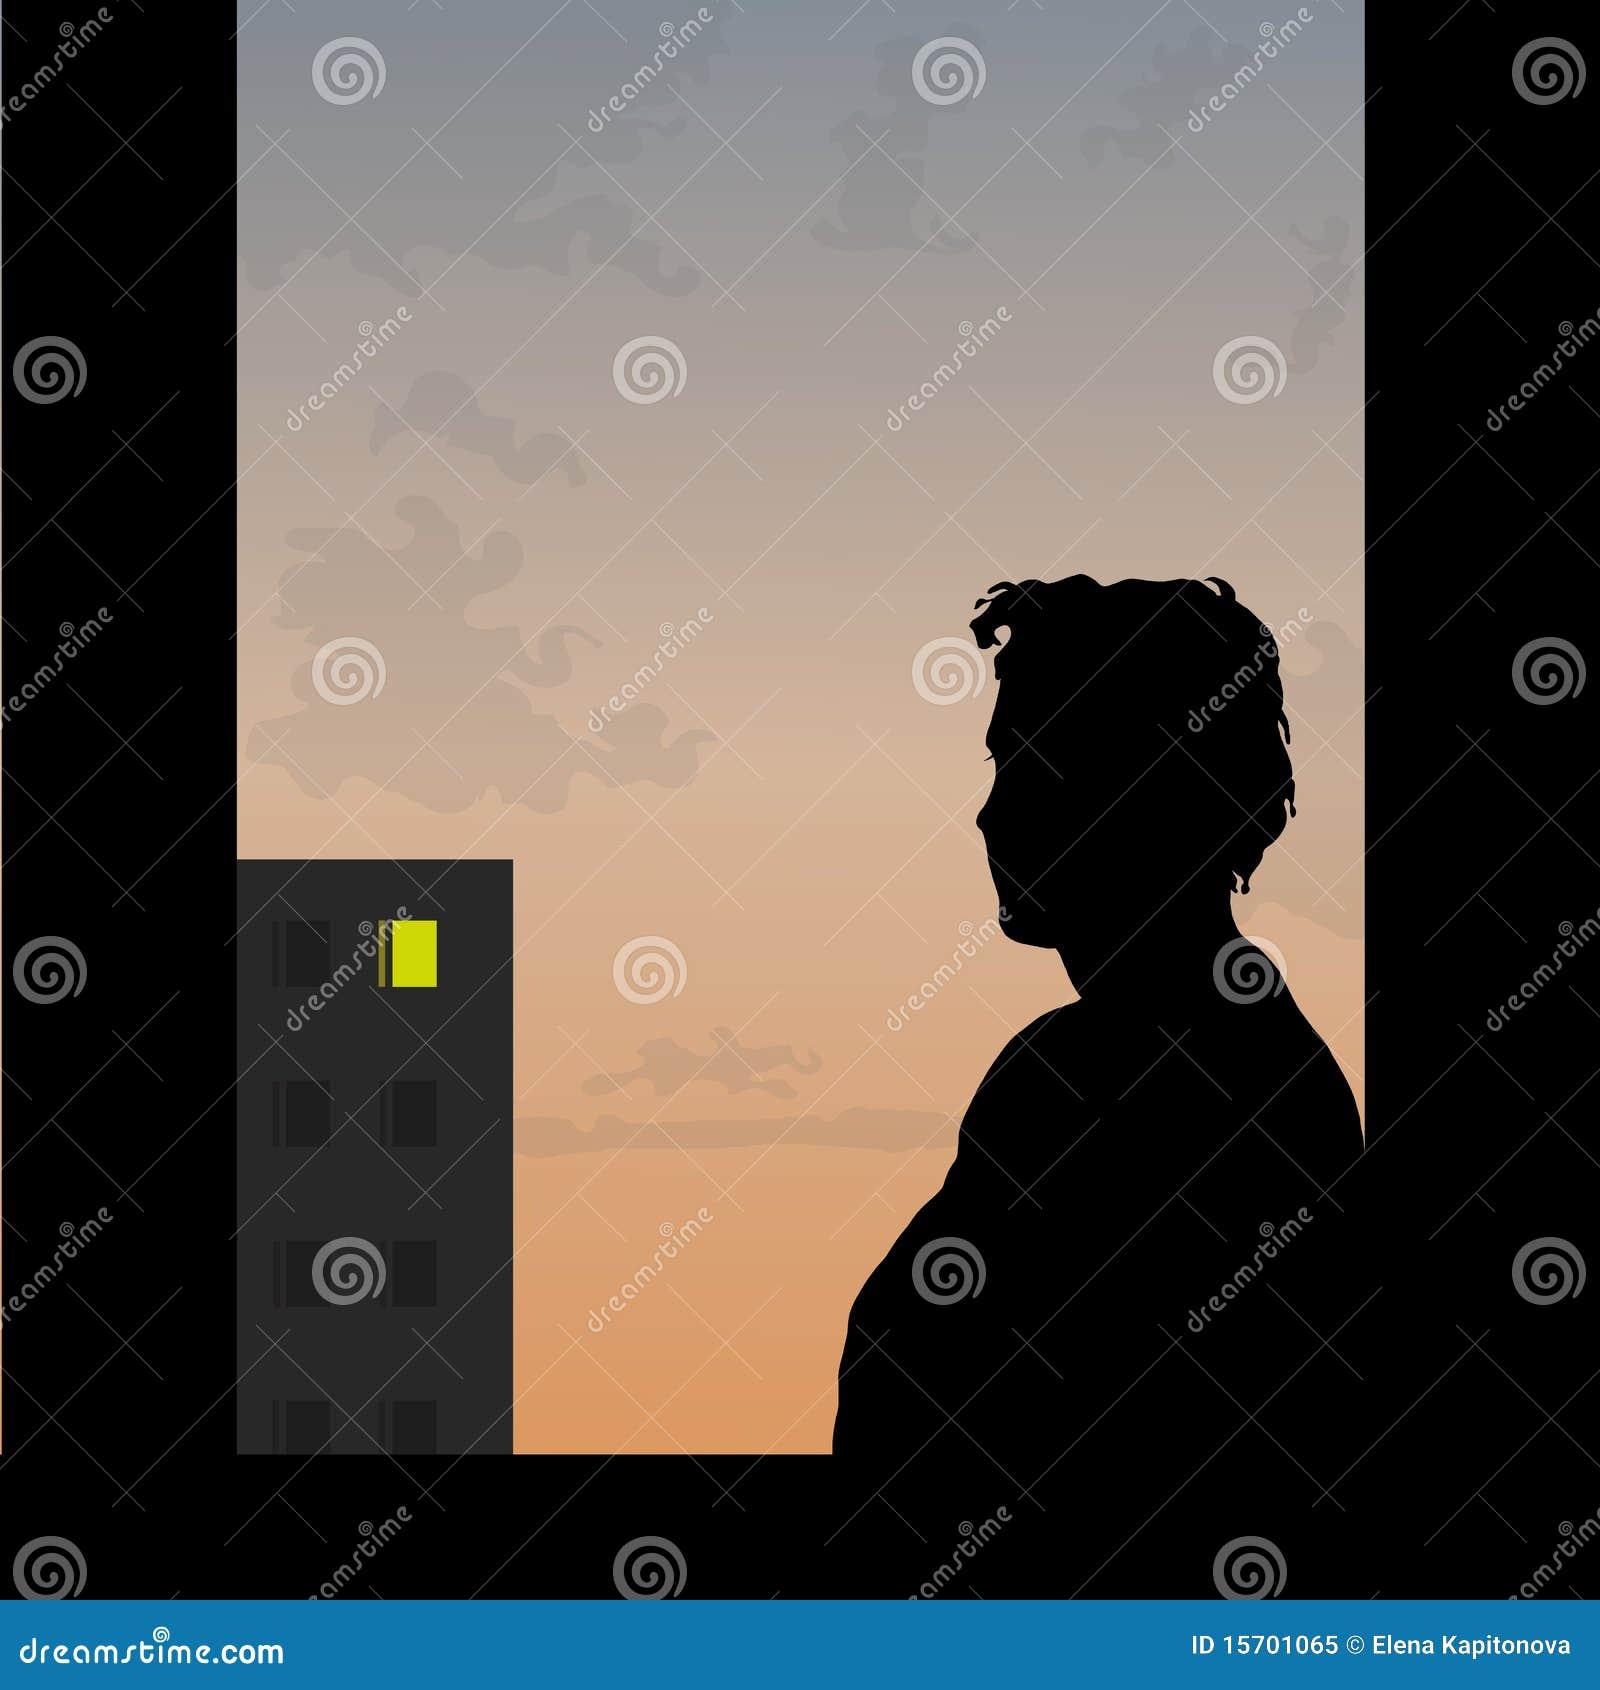 une histoire d 39 amour triste photo libre de droits image 15701065. Black Bedroom Furniture Sets. Home Design Ideas